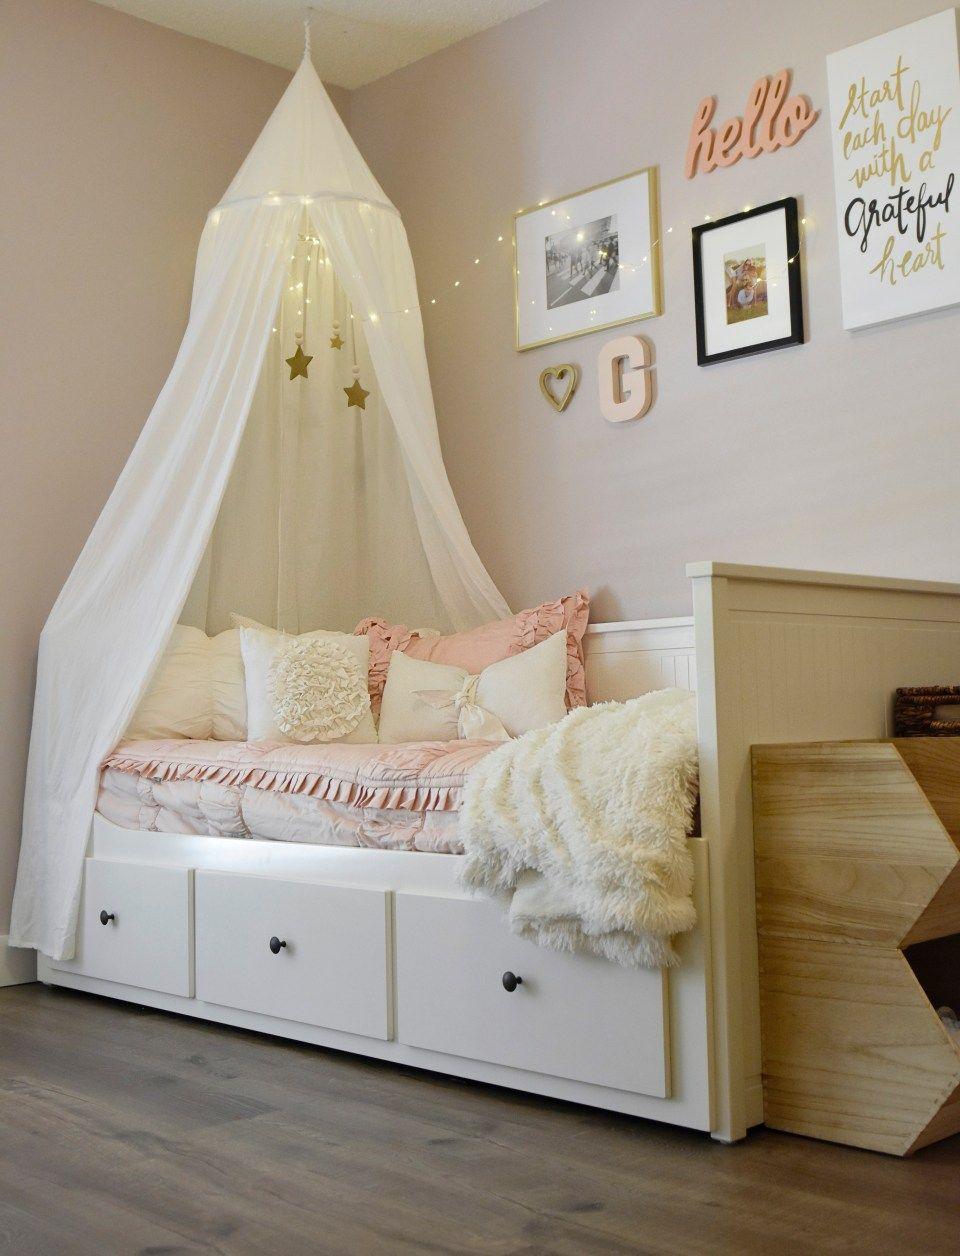 Horse Inspired + Modern Chic Little Girls Room: Bedding + Details